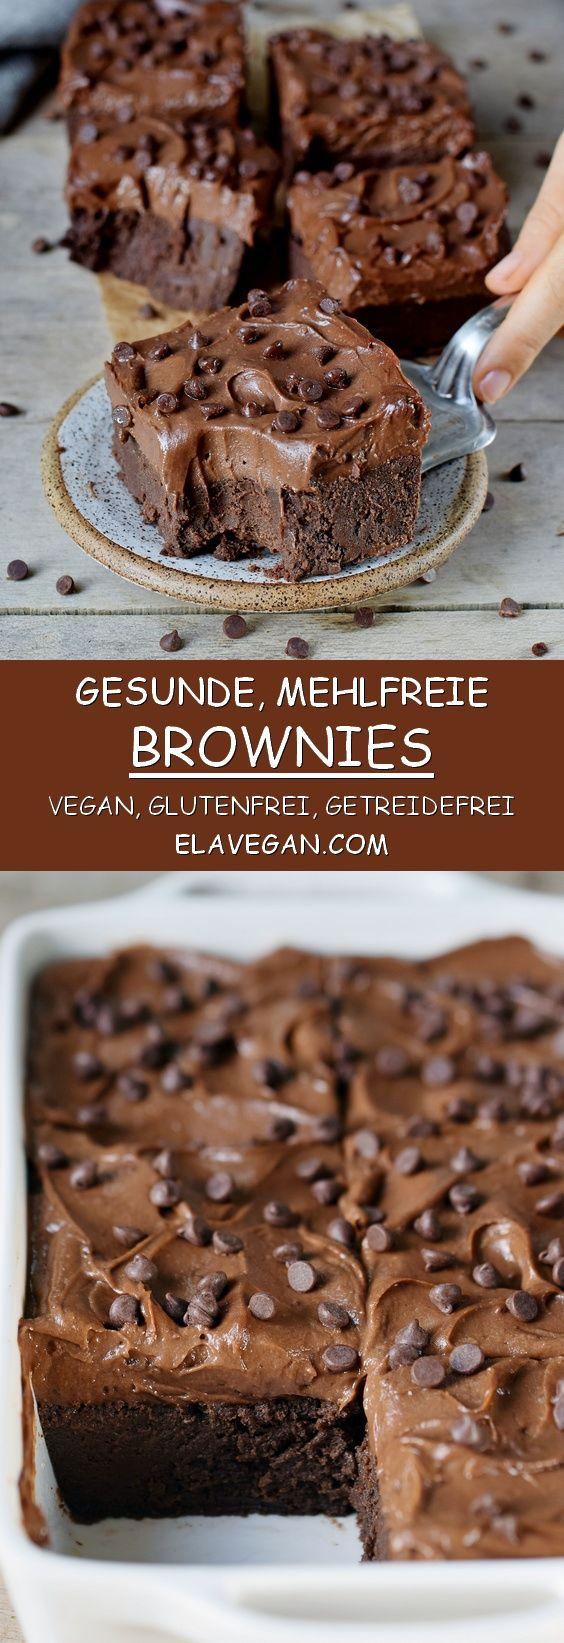 Kichererbsen Brownies | gesund, glutenfrei, mehlfrei - Elavegan